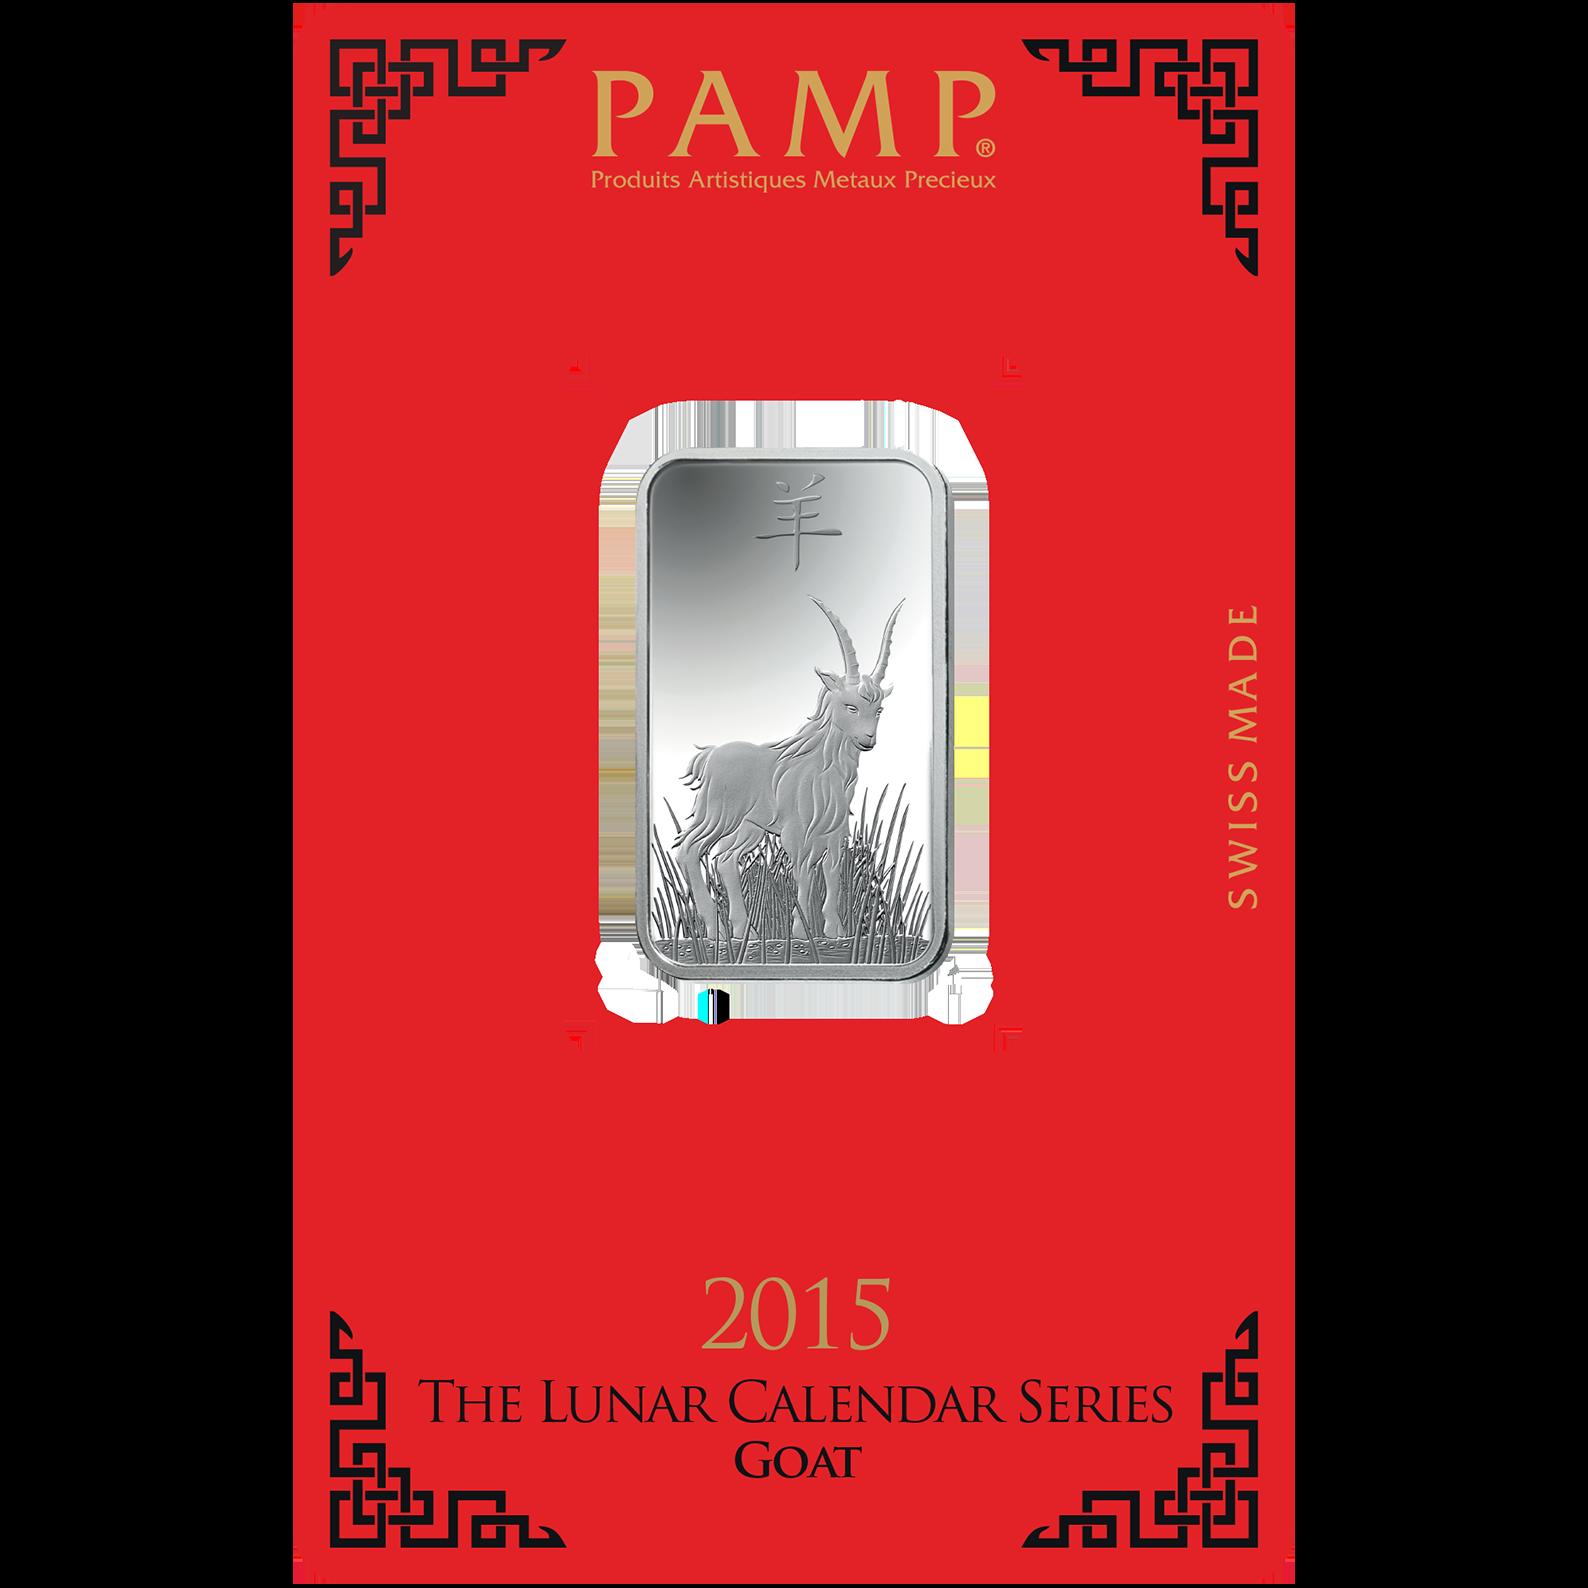 Lingot d'argent de 10 grammes - PAMP Suisse Lunar Chèvre